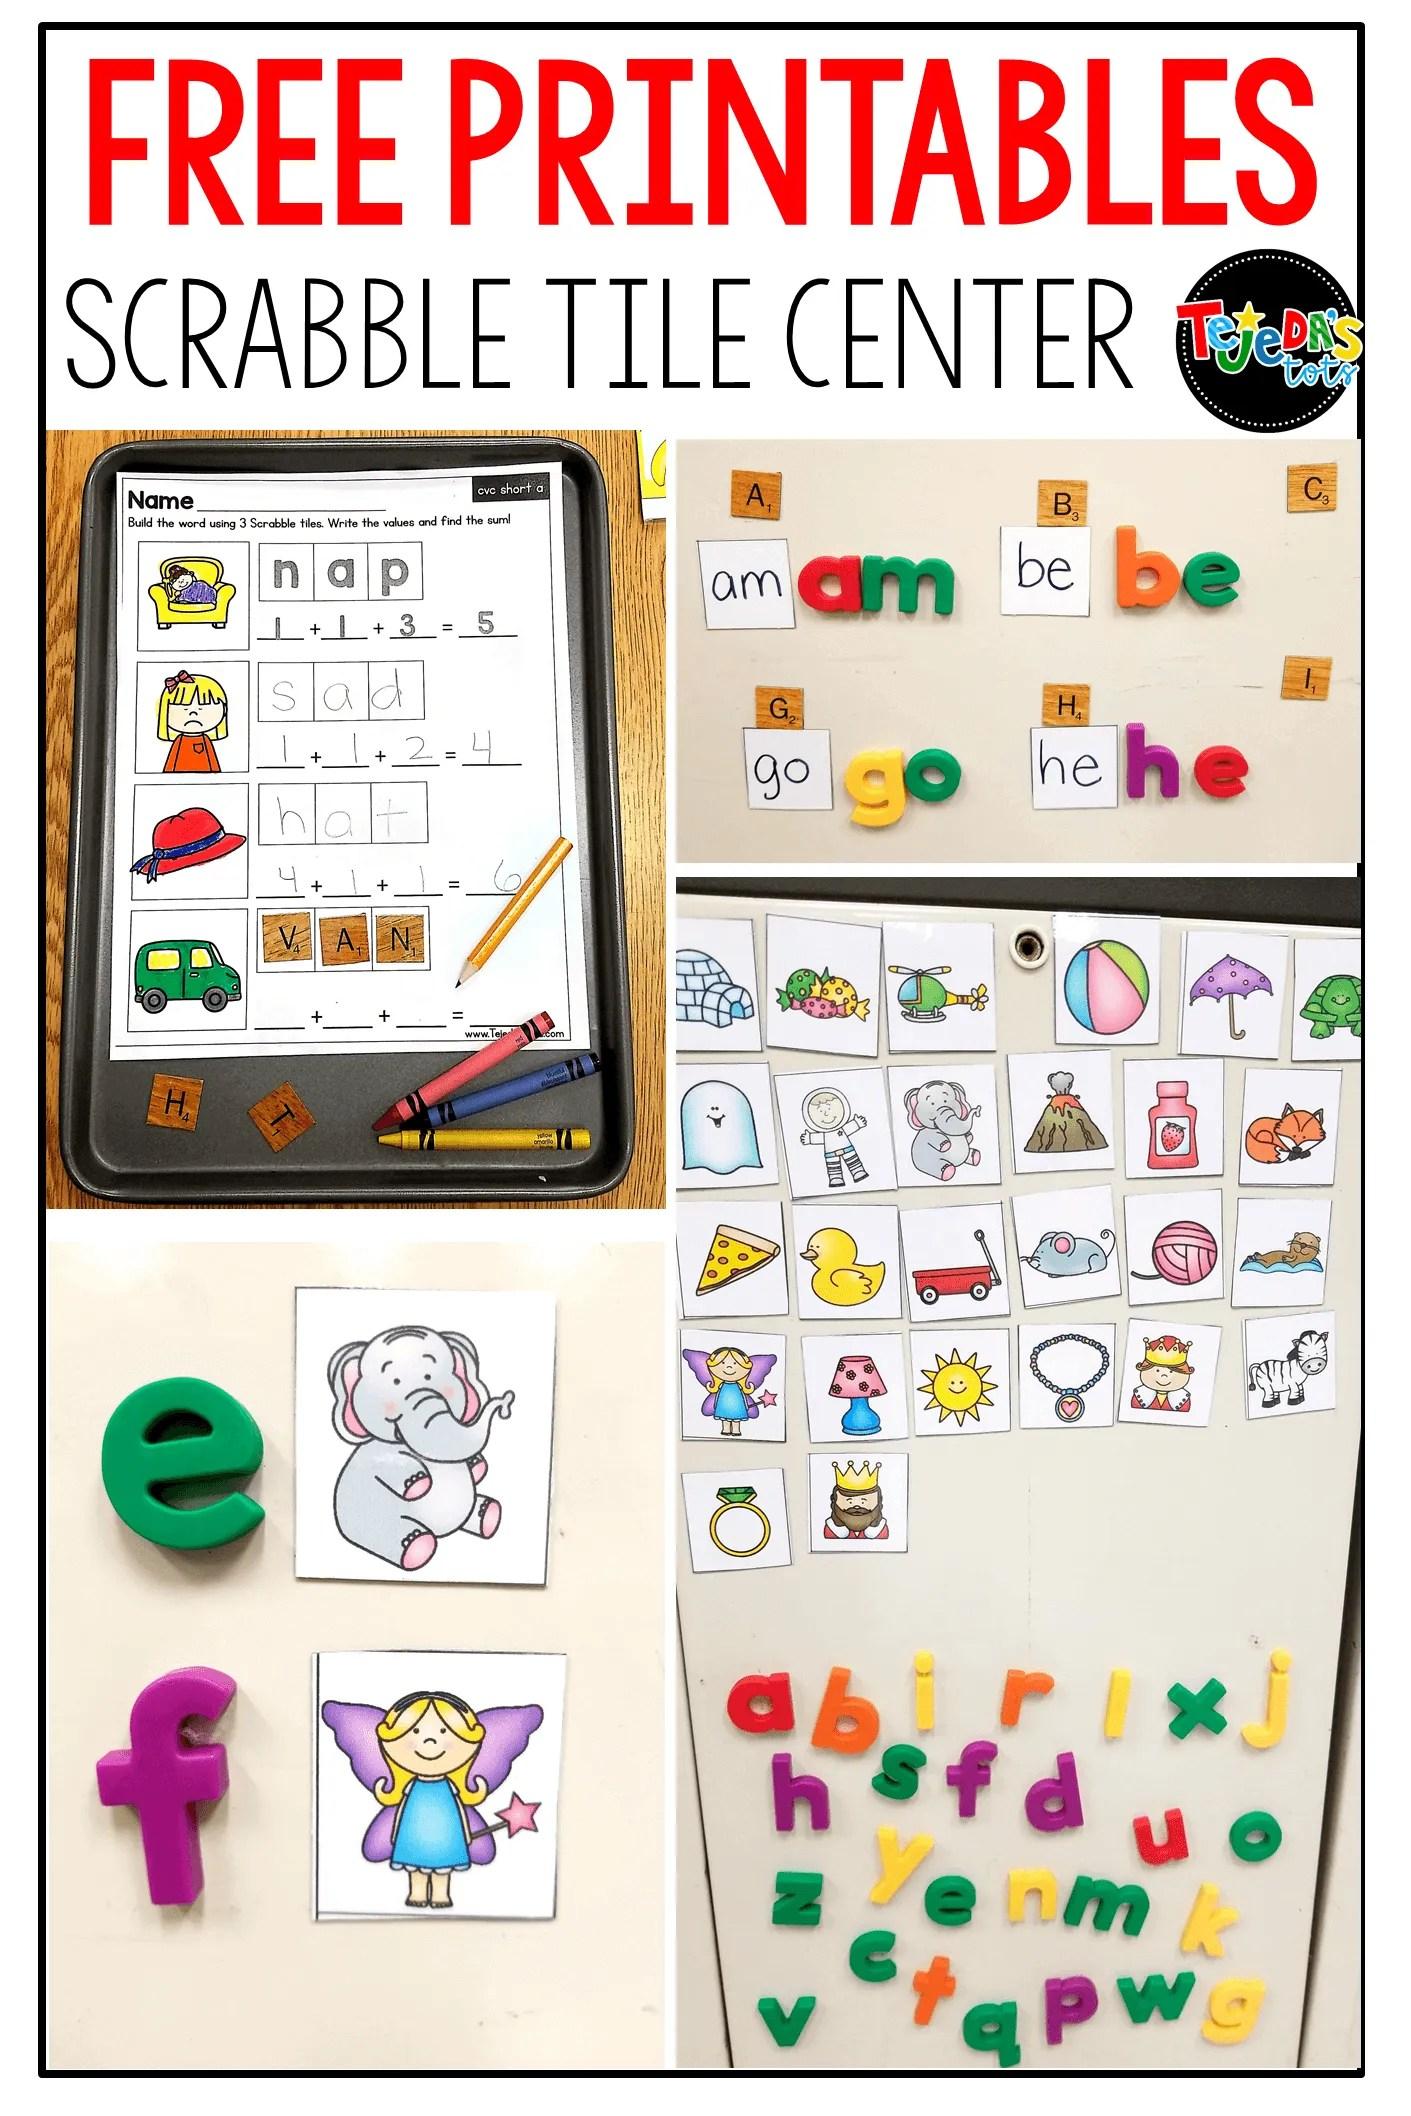 graphic regarding Printable Scrabble Tiles called Scrabble tiles for a phrase do the job middle